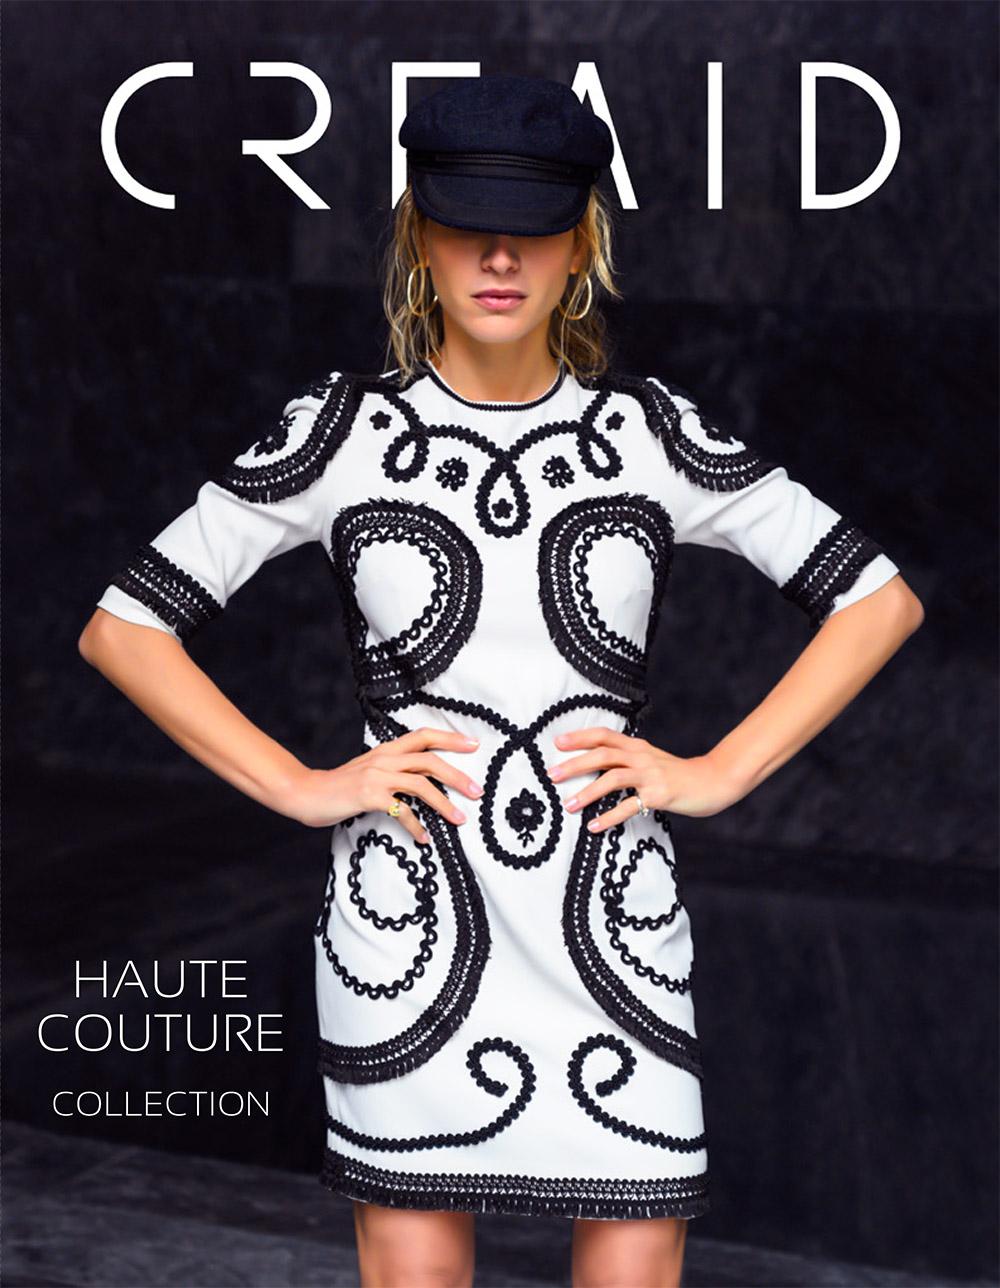 Haute-Couture-creaid-1